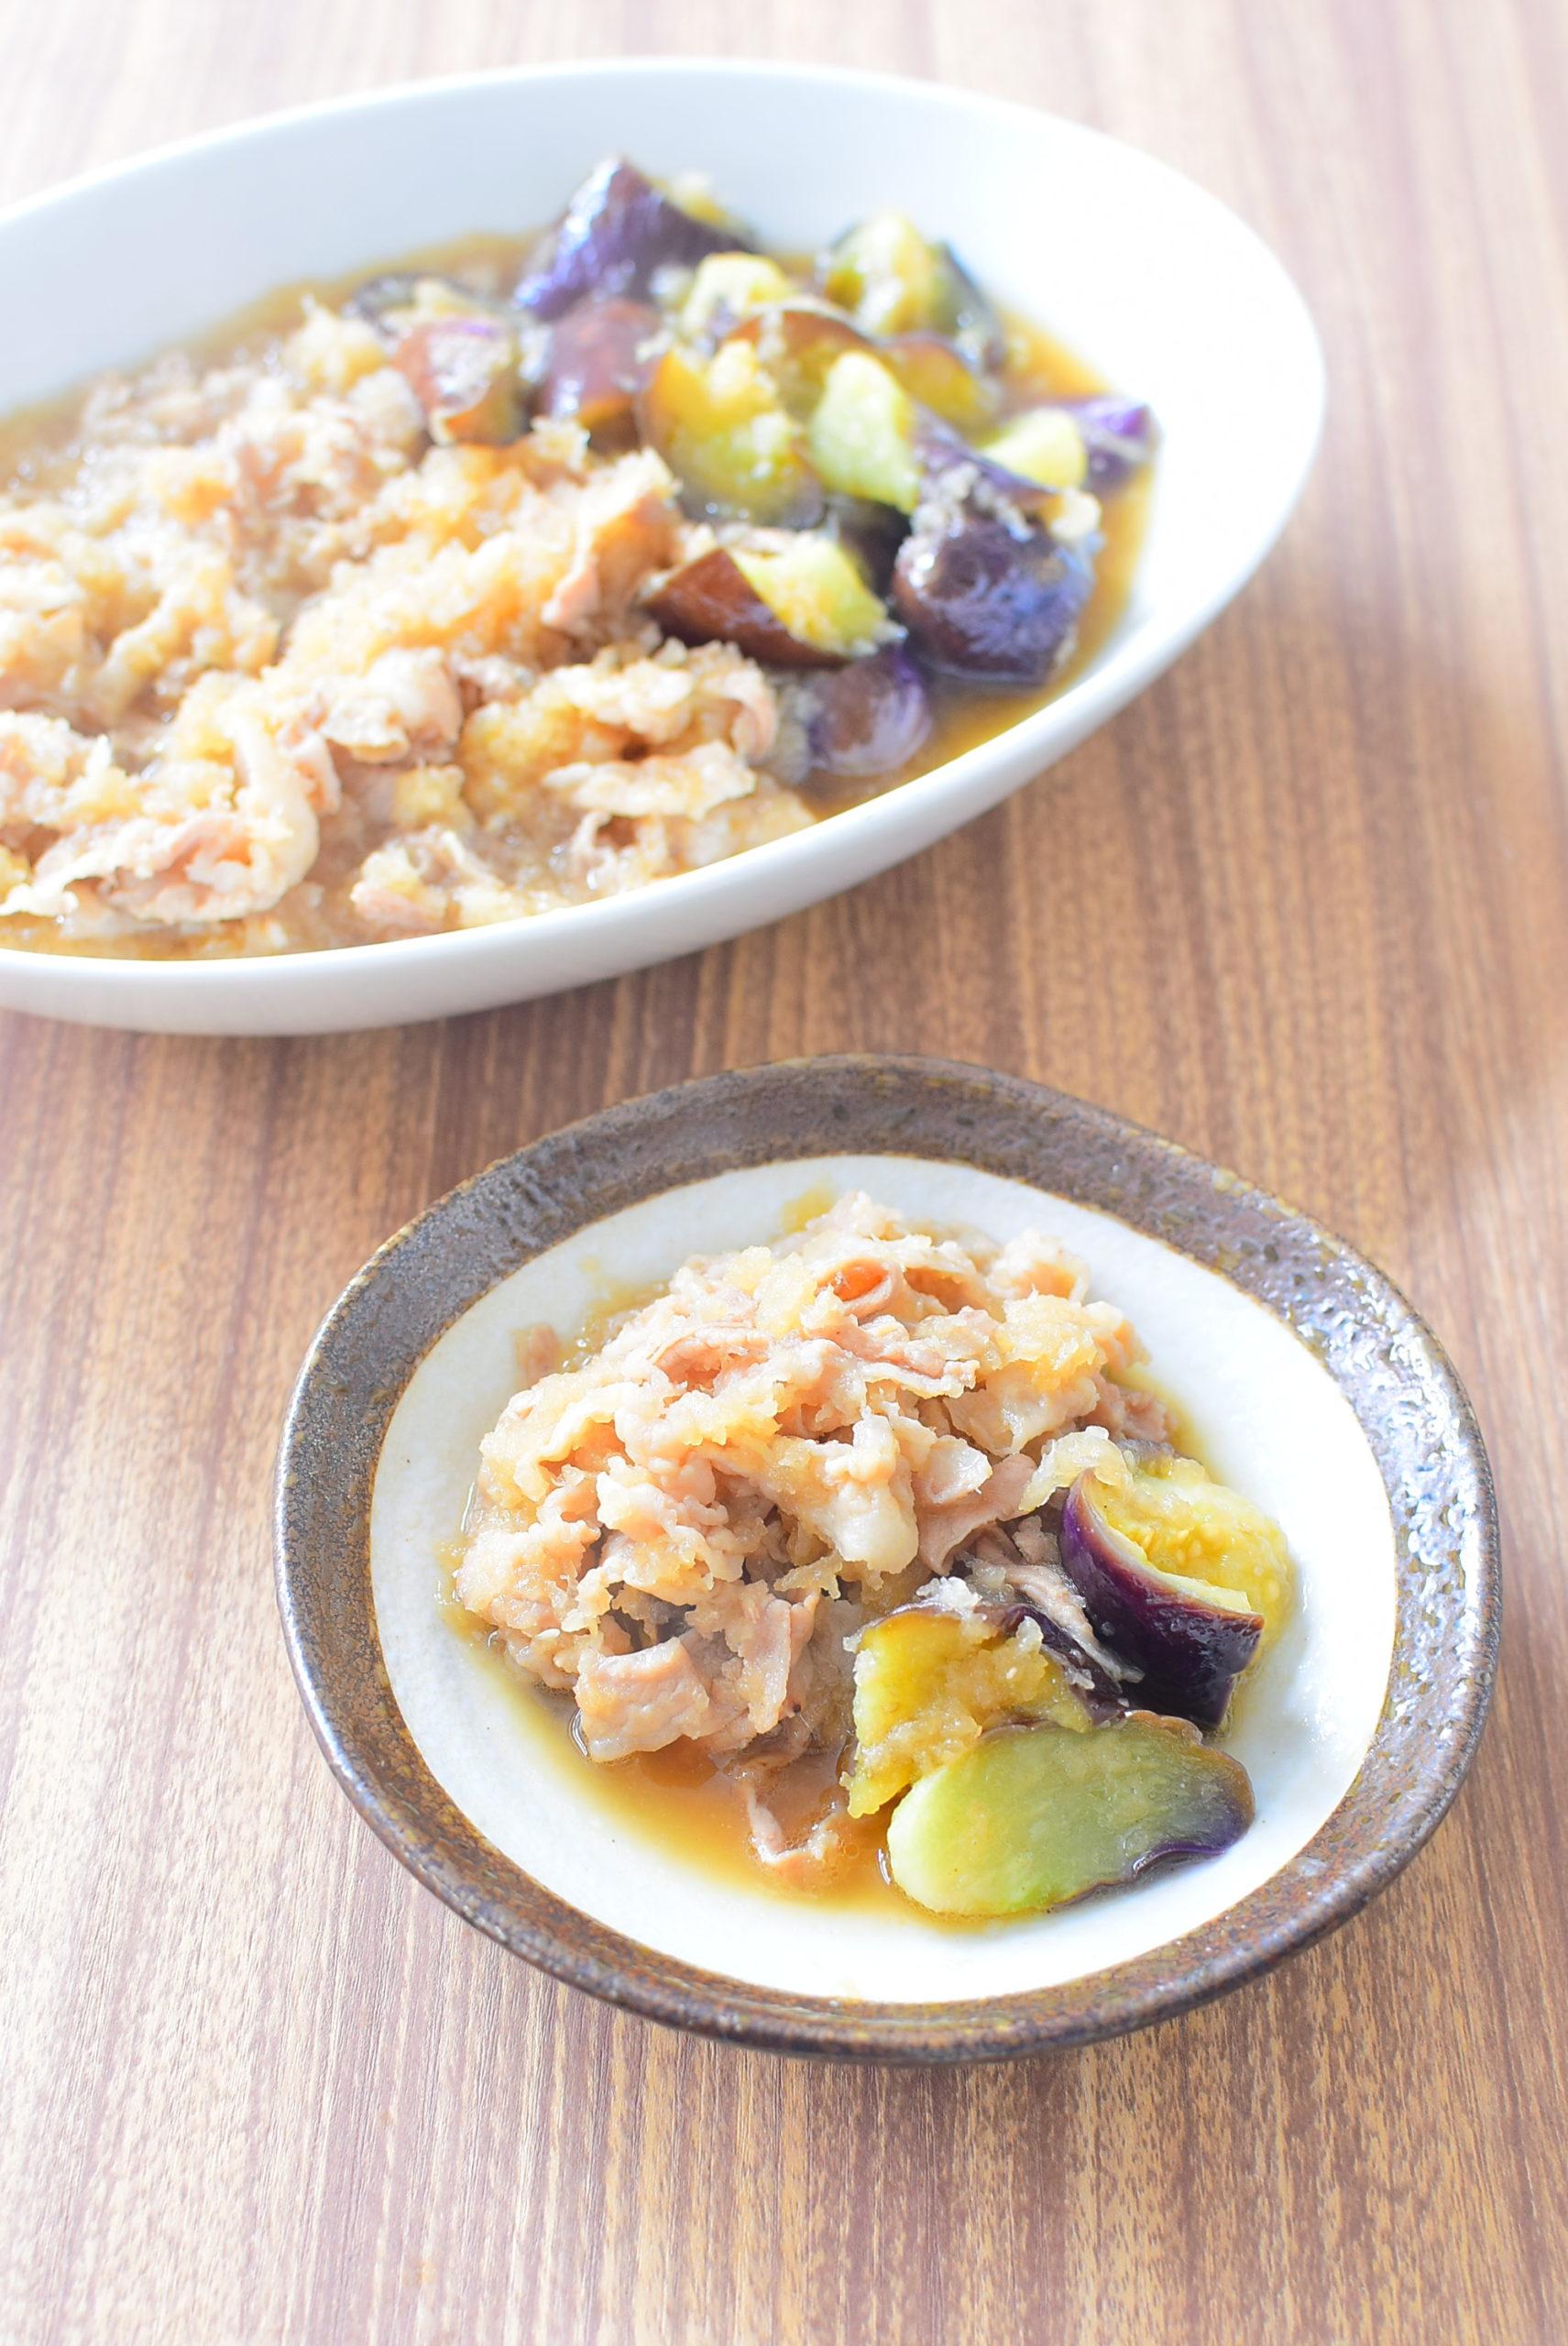 やわらかナスと豚バラのみぞれ煮のレシピの写真